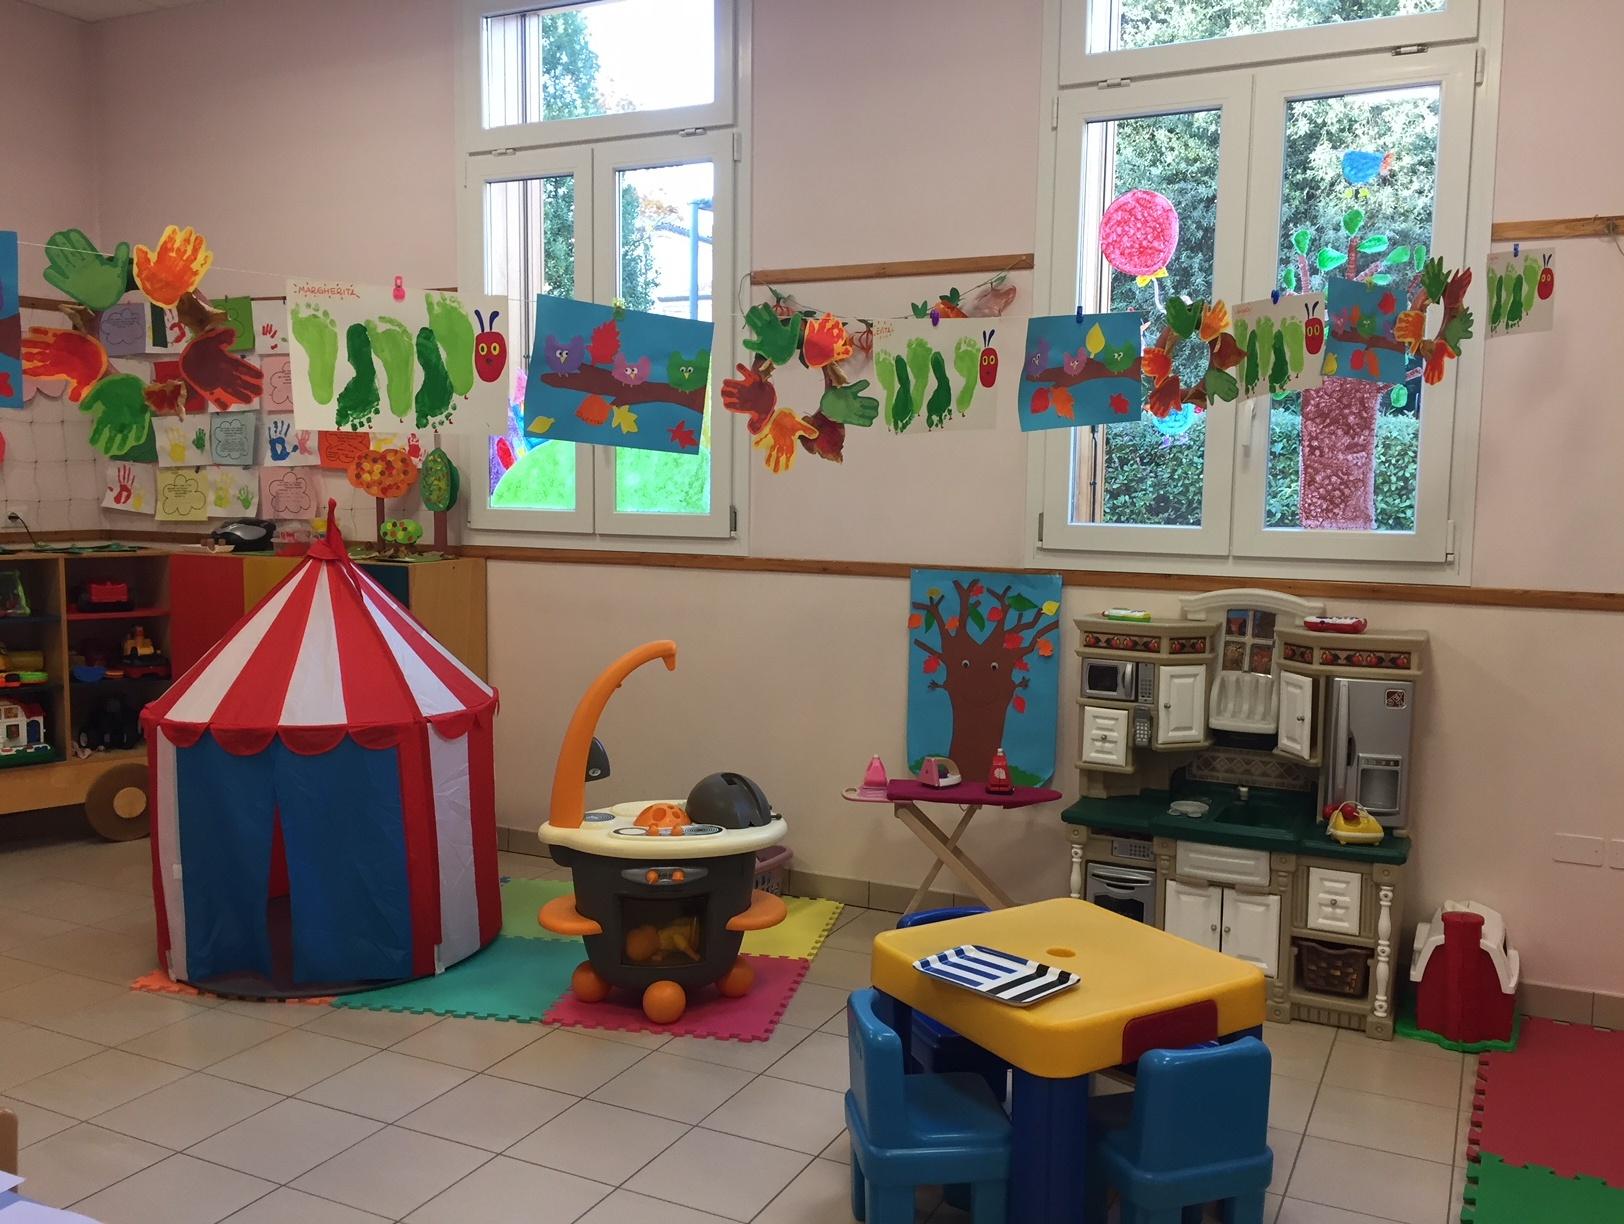 La sala giochi della Sezione Primavera della Scuola dell'Infanzia Prospero Alpino di Marostica